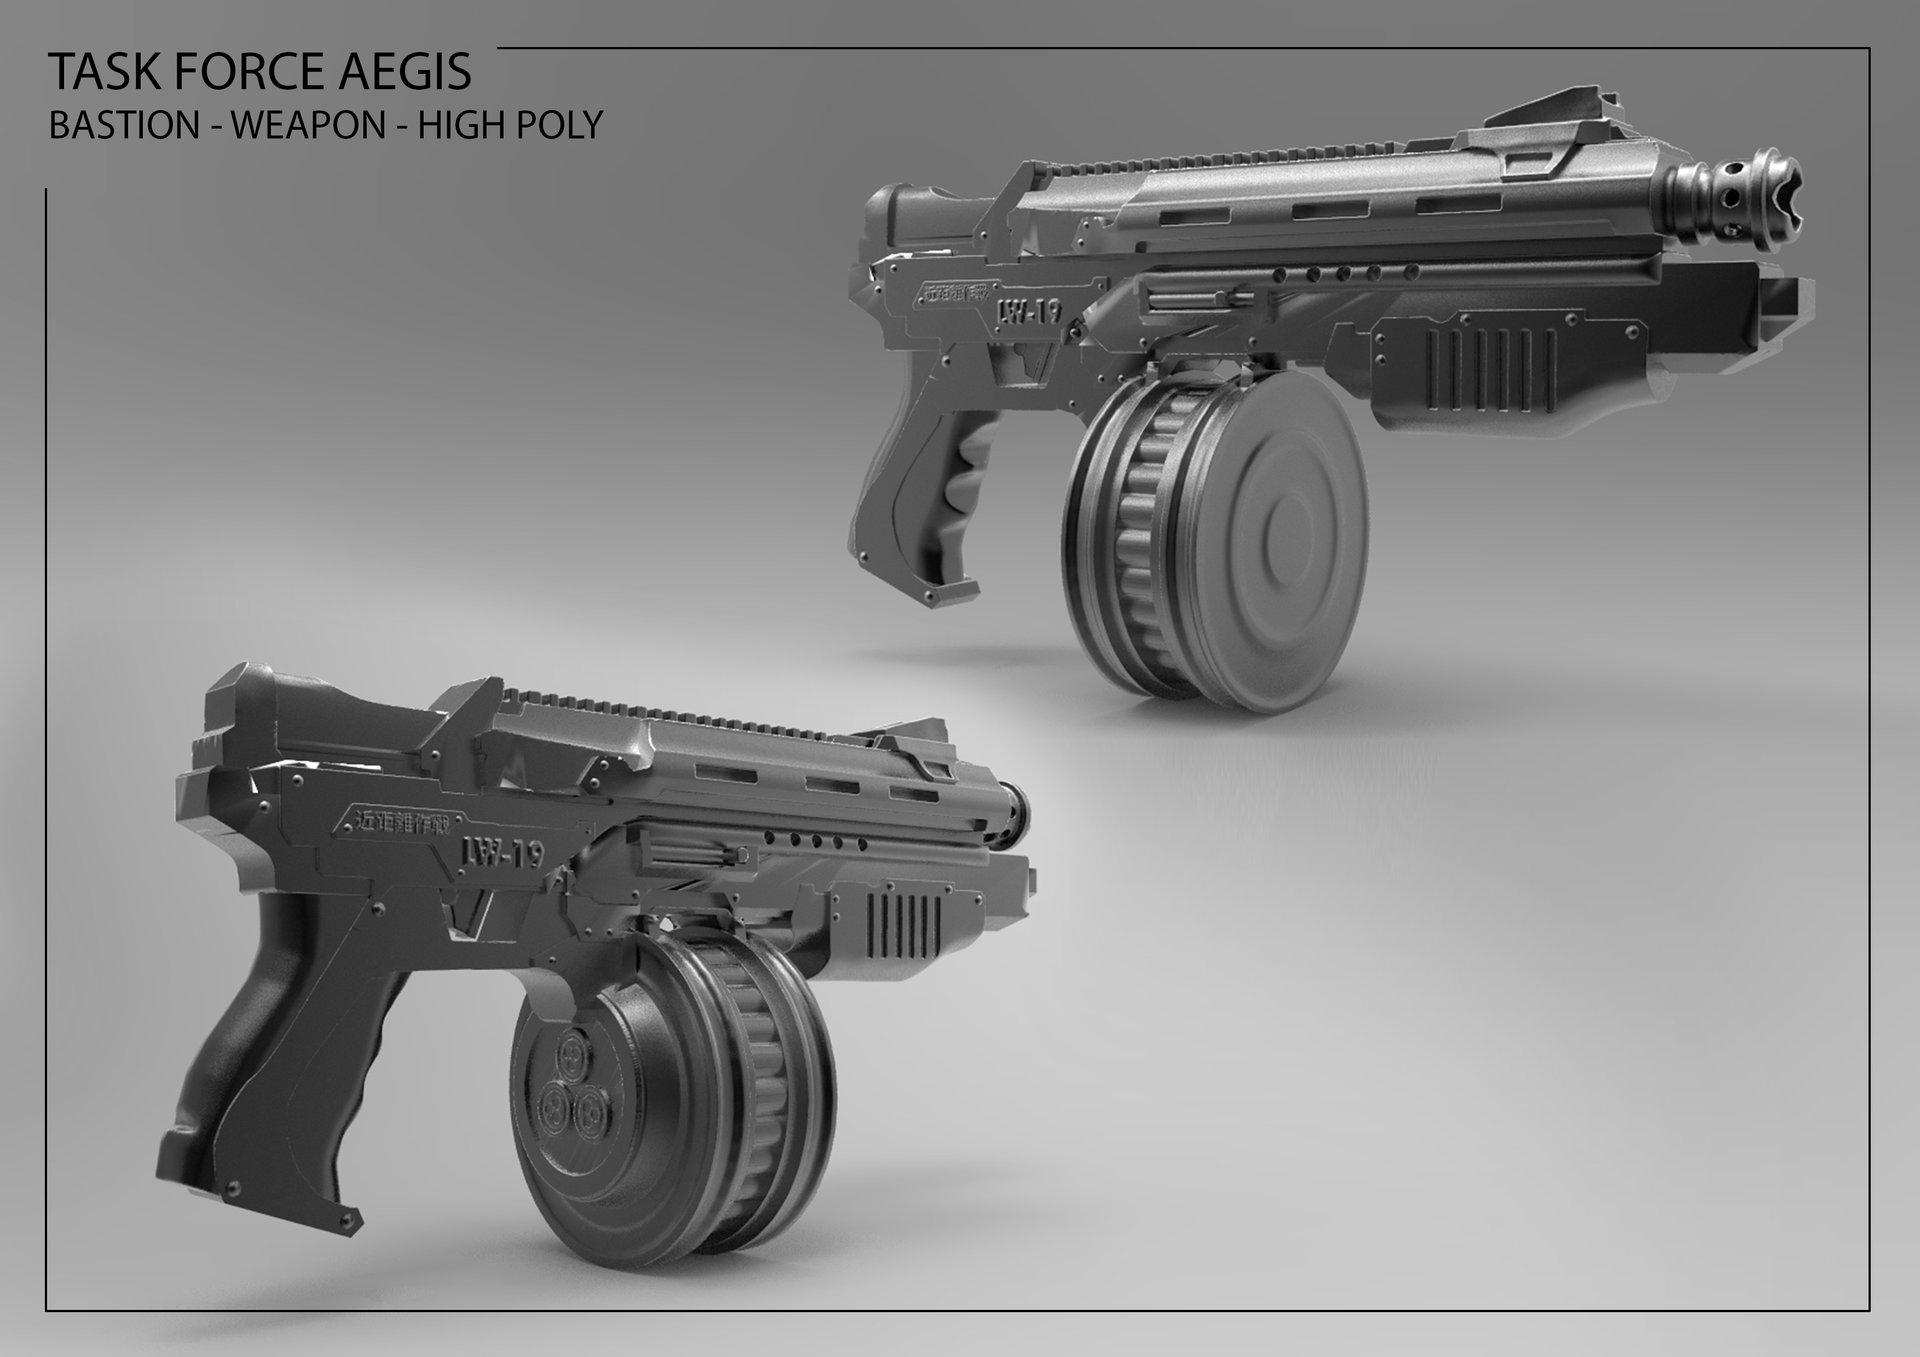 Anton ehn bastion weapon